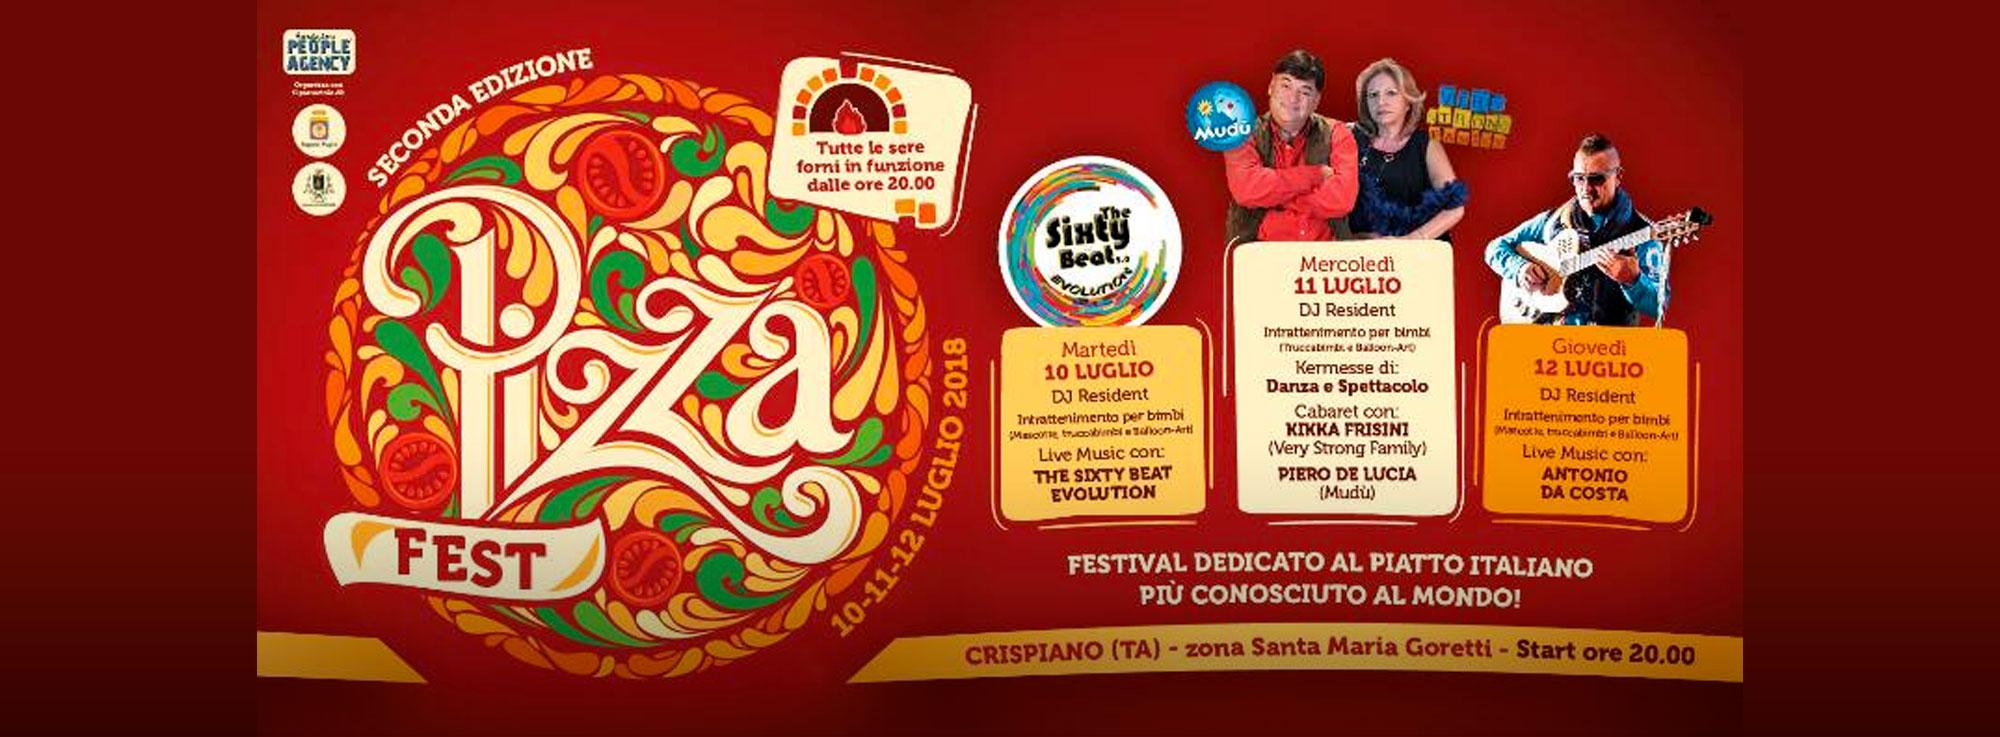 Crispiano: Pizza Fest